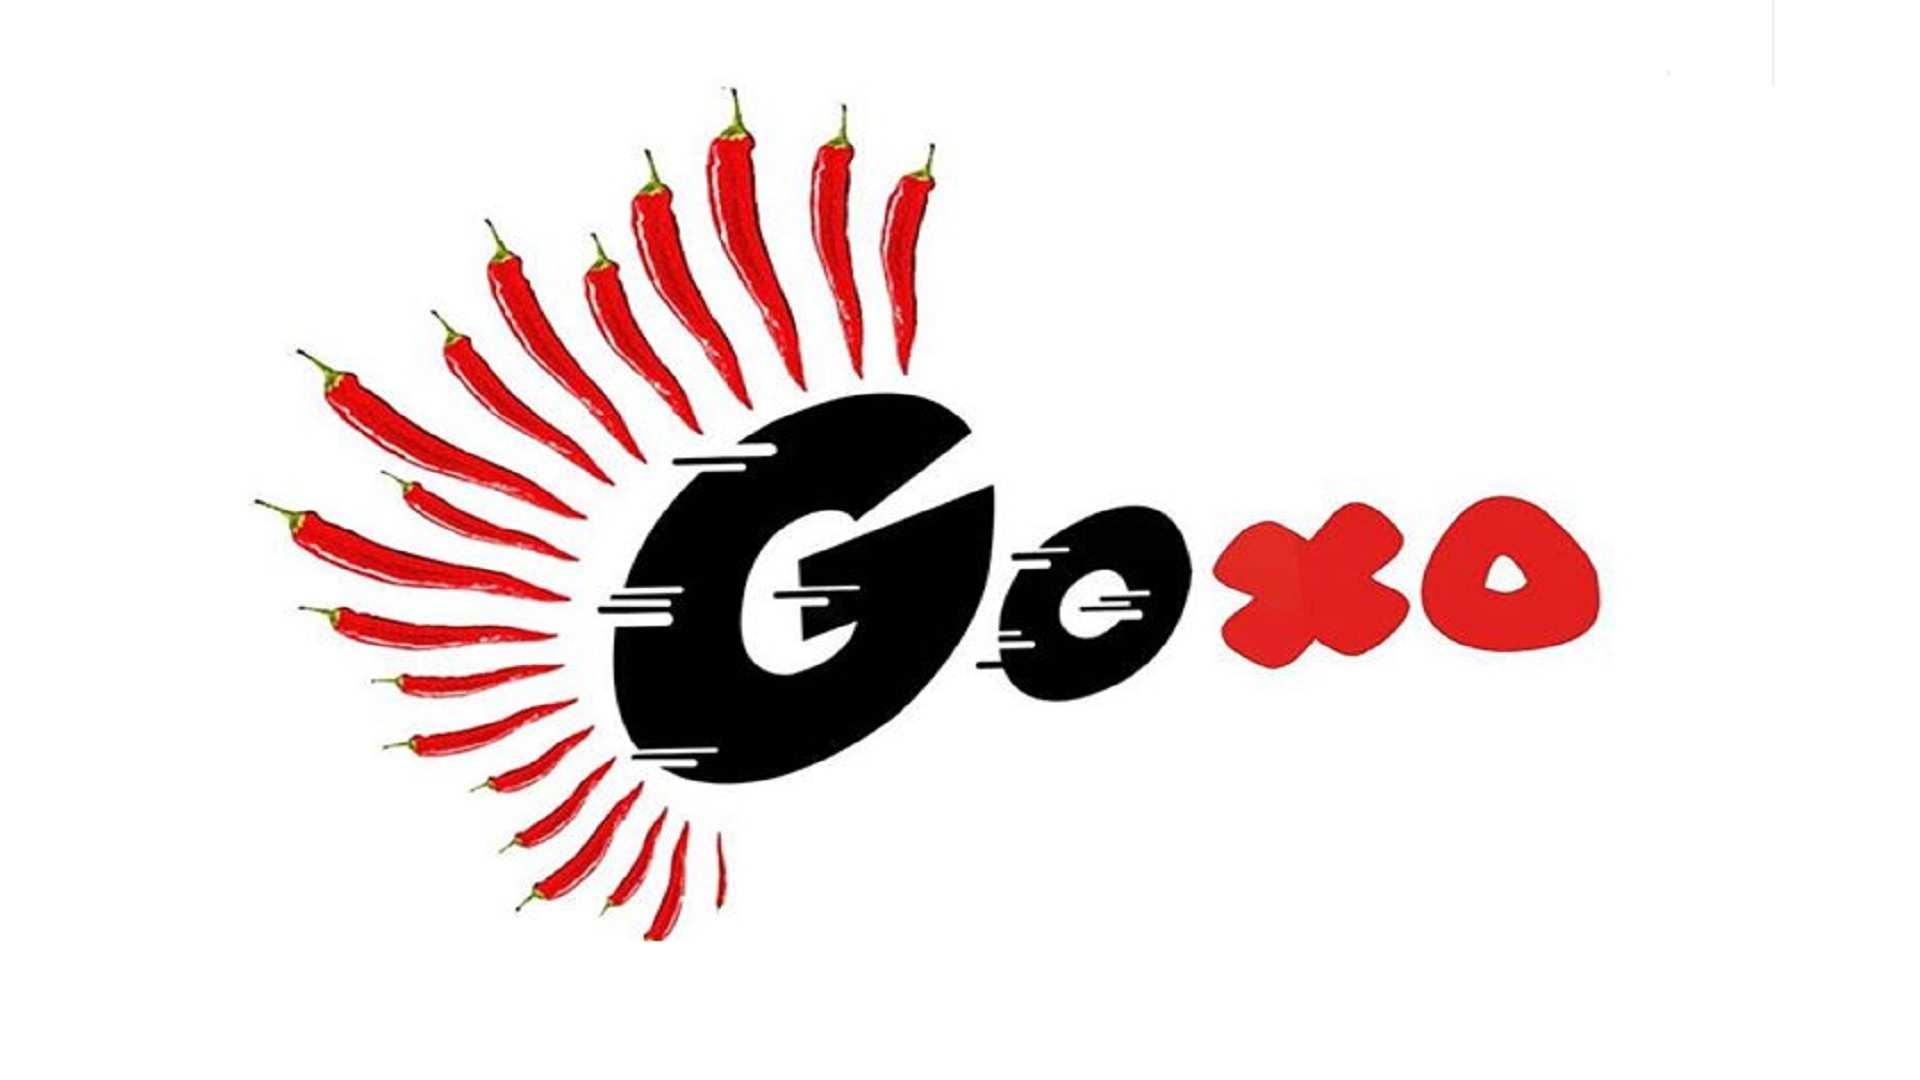 Gazpacho de fresones con gambitas de Goxo - Un sitio de gastronomía - mayo 18, 2021